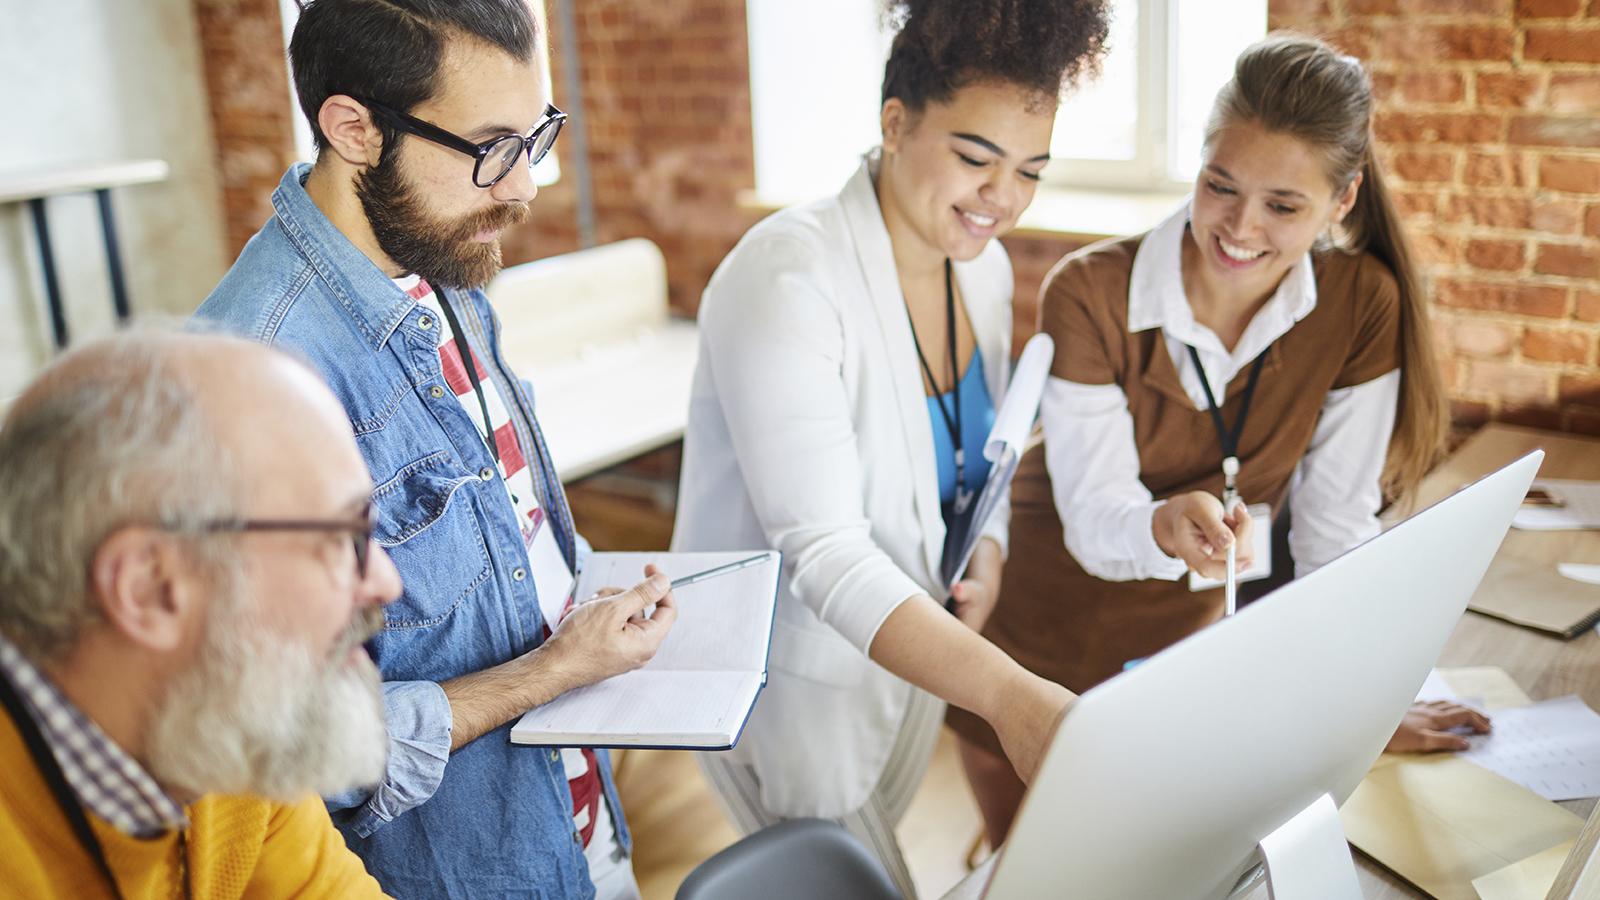 Entenda o que e cultura organizacional e como implementar na sua empresa - Entenda o que é cultura organizacional e como implementar na sua empresa